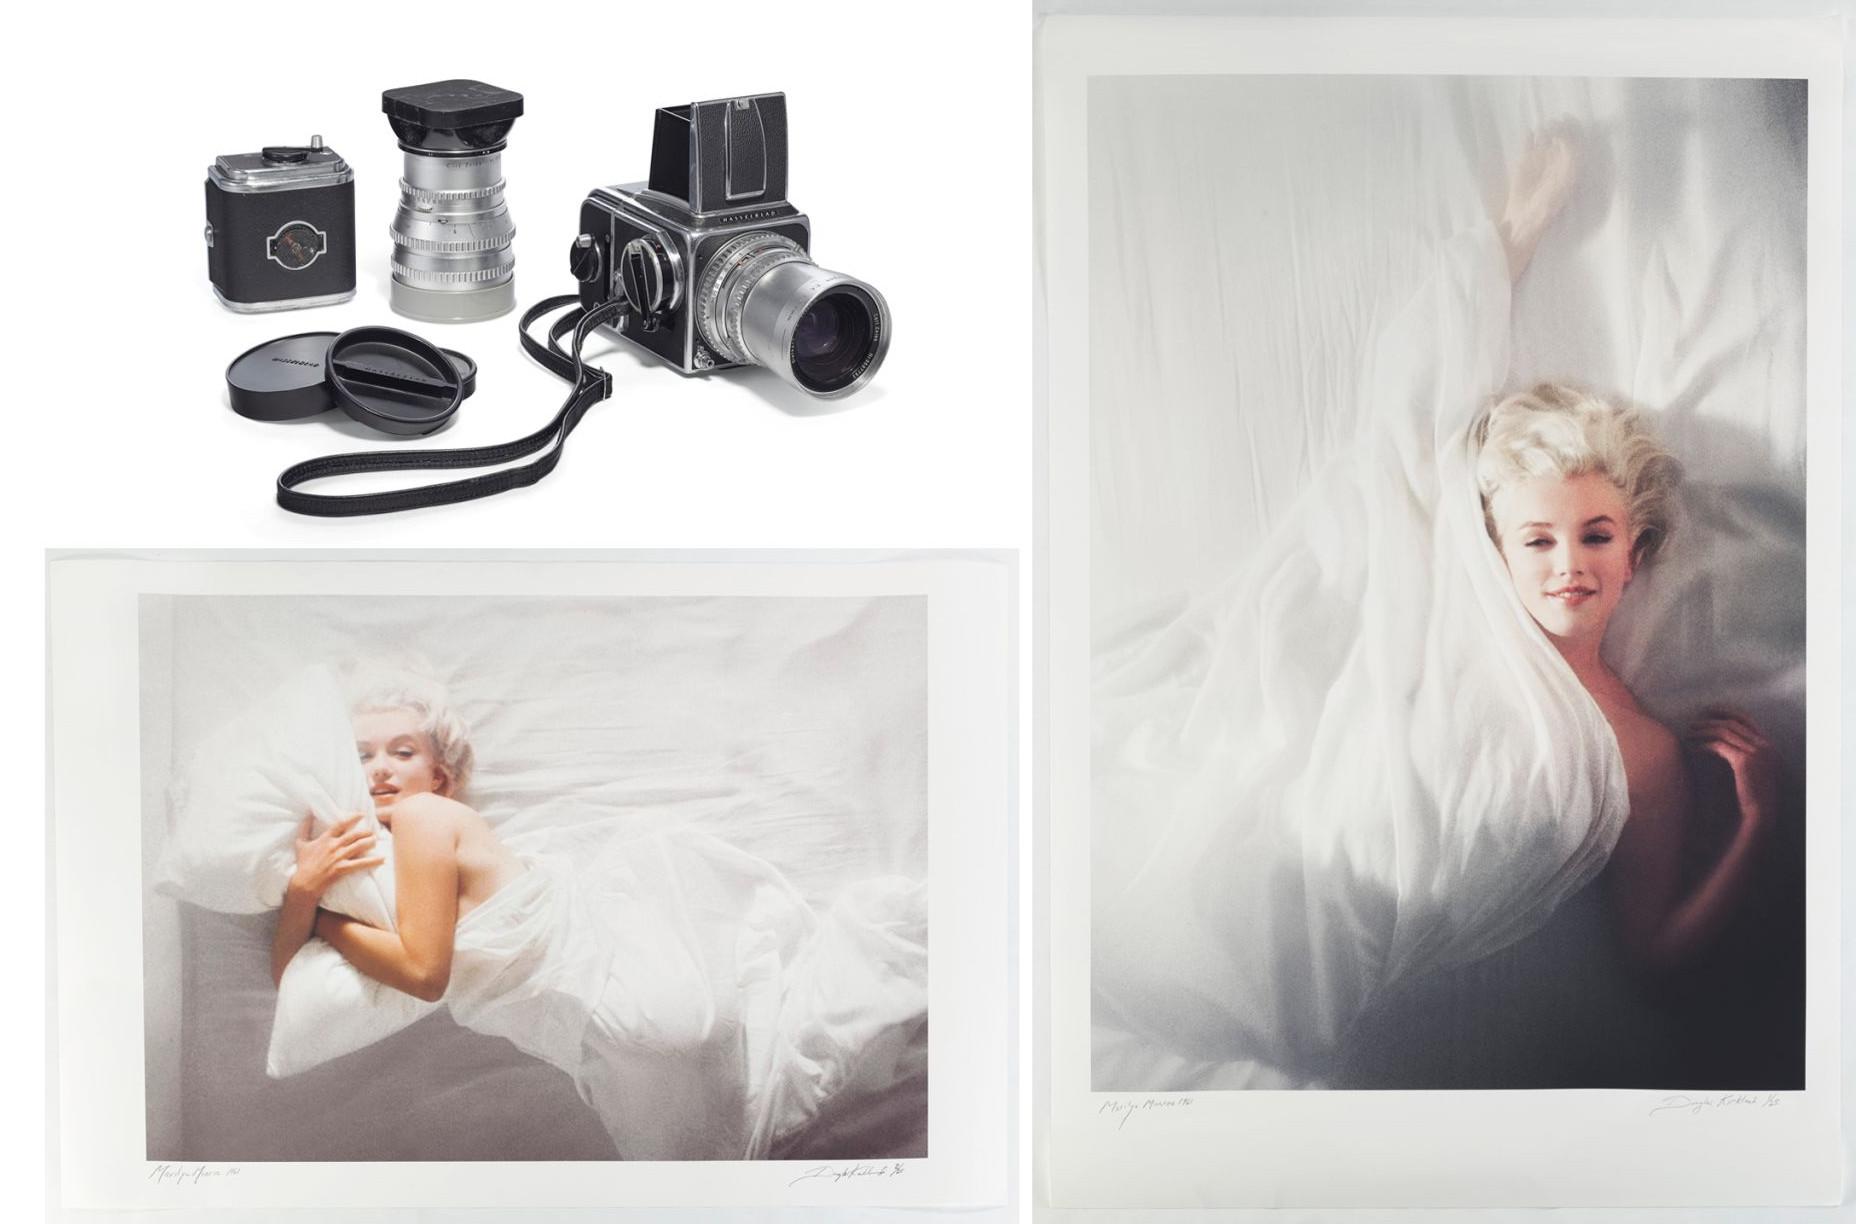 Η φωτογραφική μηχανή και δύο οπισθόφυλλα περιοδικού από την συγκεκριμένη φωτογράφηση της Μέριλιν Μονρόε. Υπολογίζεται πως θα πωληθούν προς τουλάχιστον 200.000 δολάρια